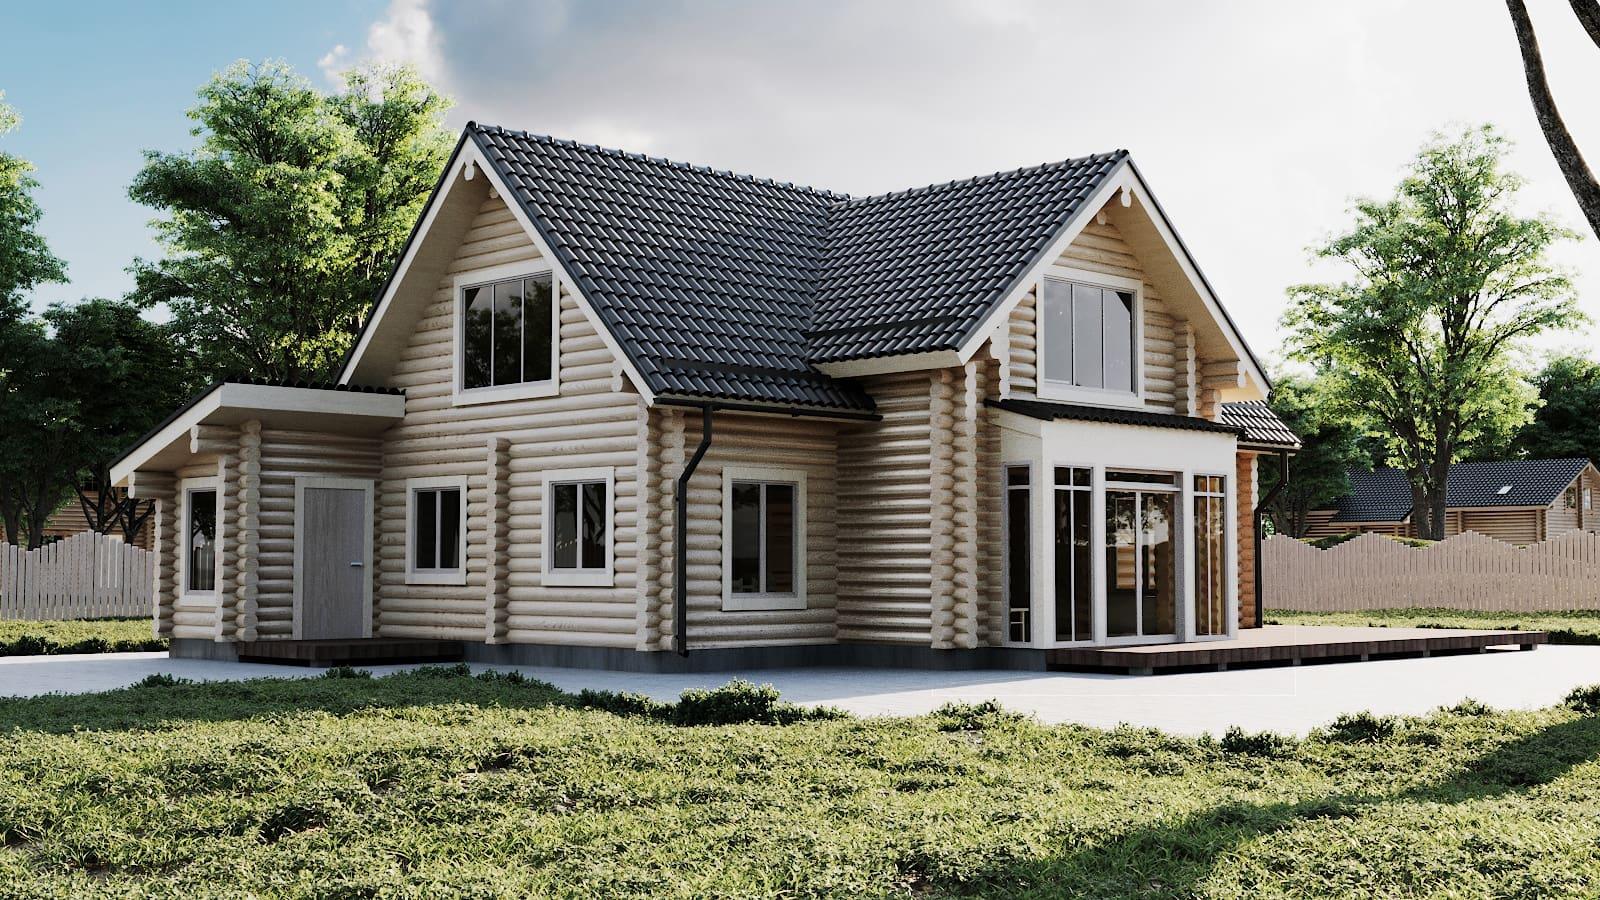 Maison en rondins et madriers - 199m² - 3 chambres - terrasse - DALHIA